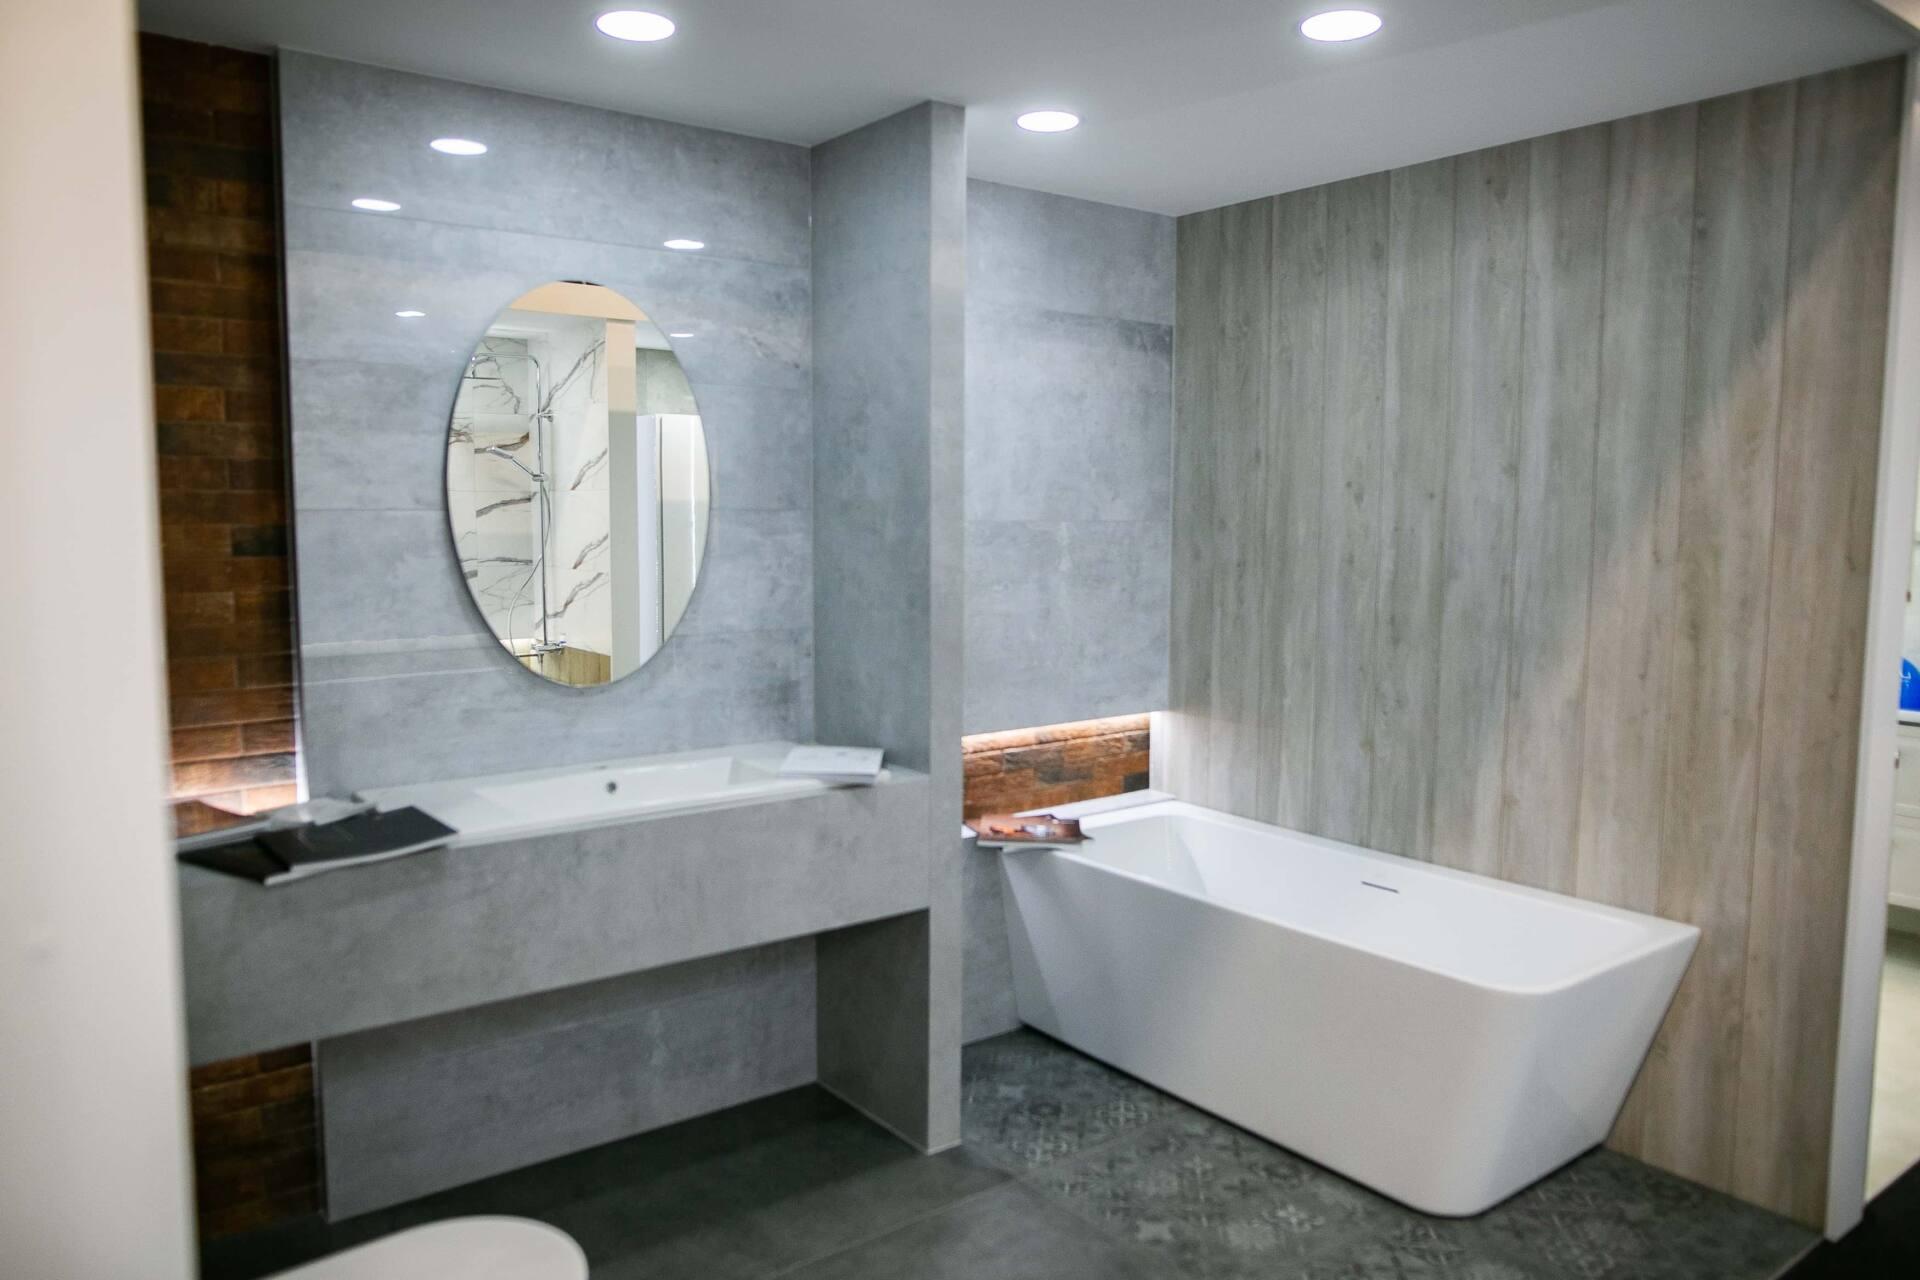 5db 5594 Salon BLU: na ponad 500 m2., 36 łazienkowych aranżacji i bogata ekspozycja wyposażenia (zdjęcia)